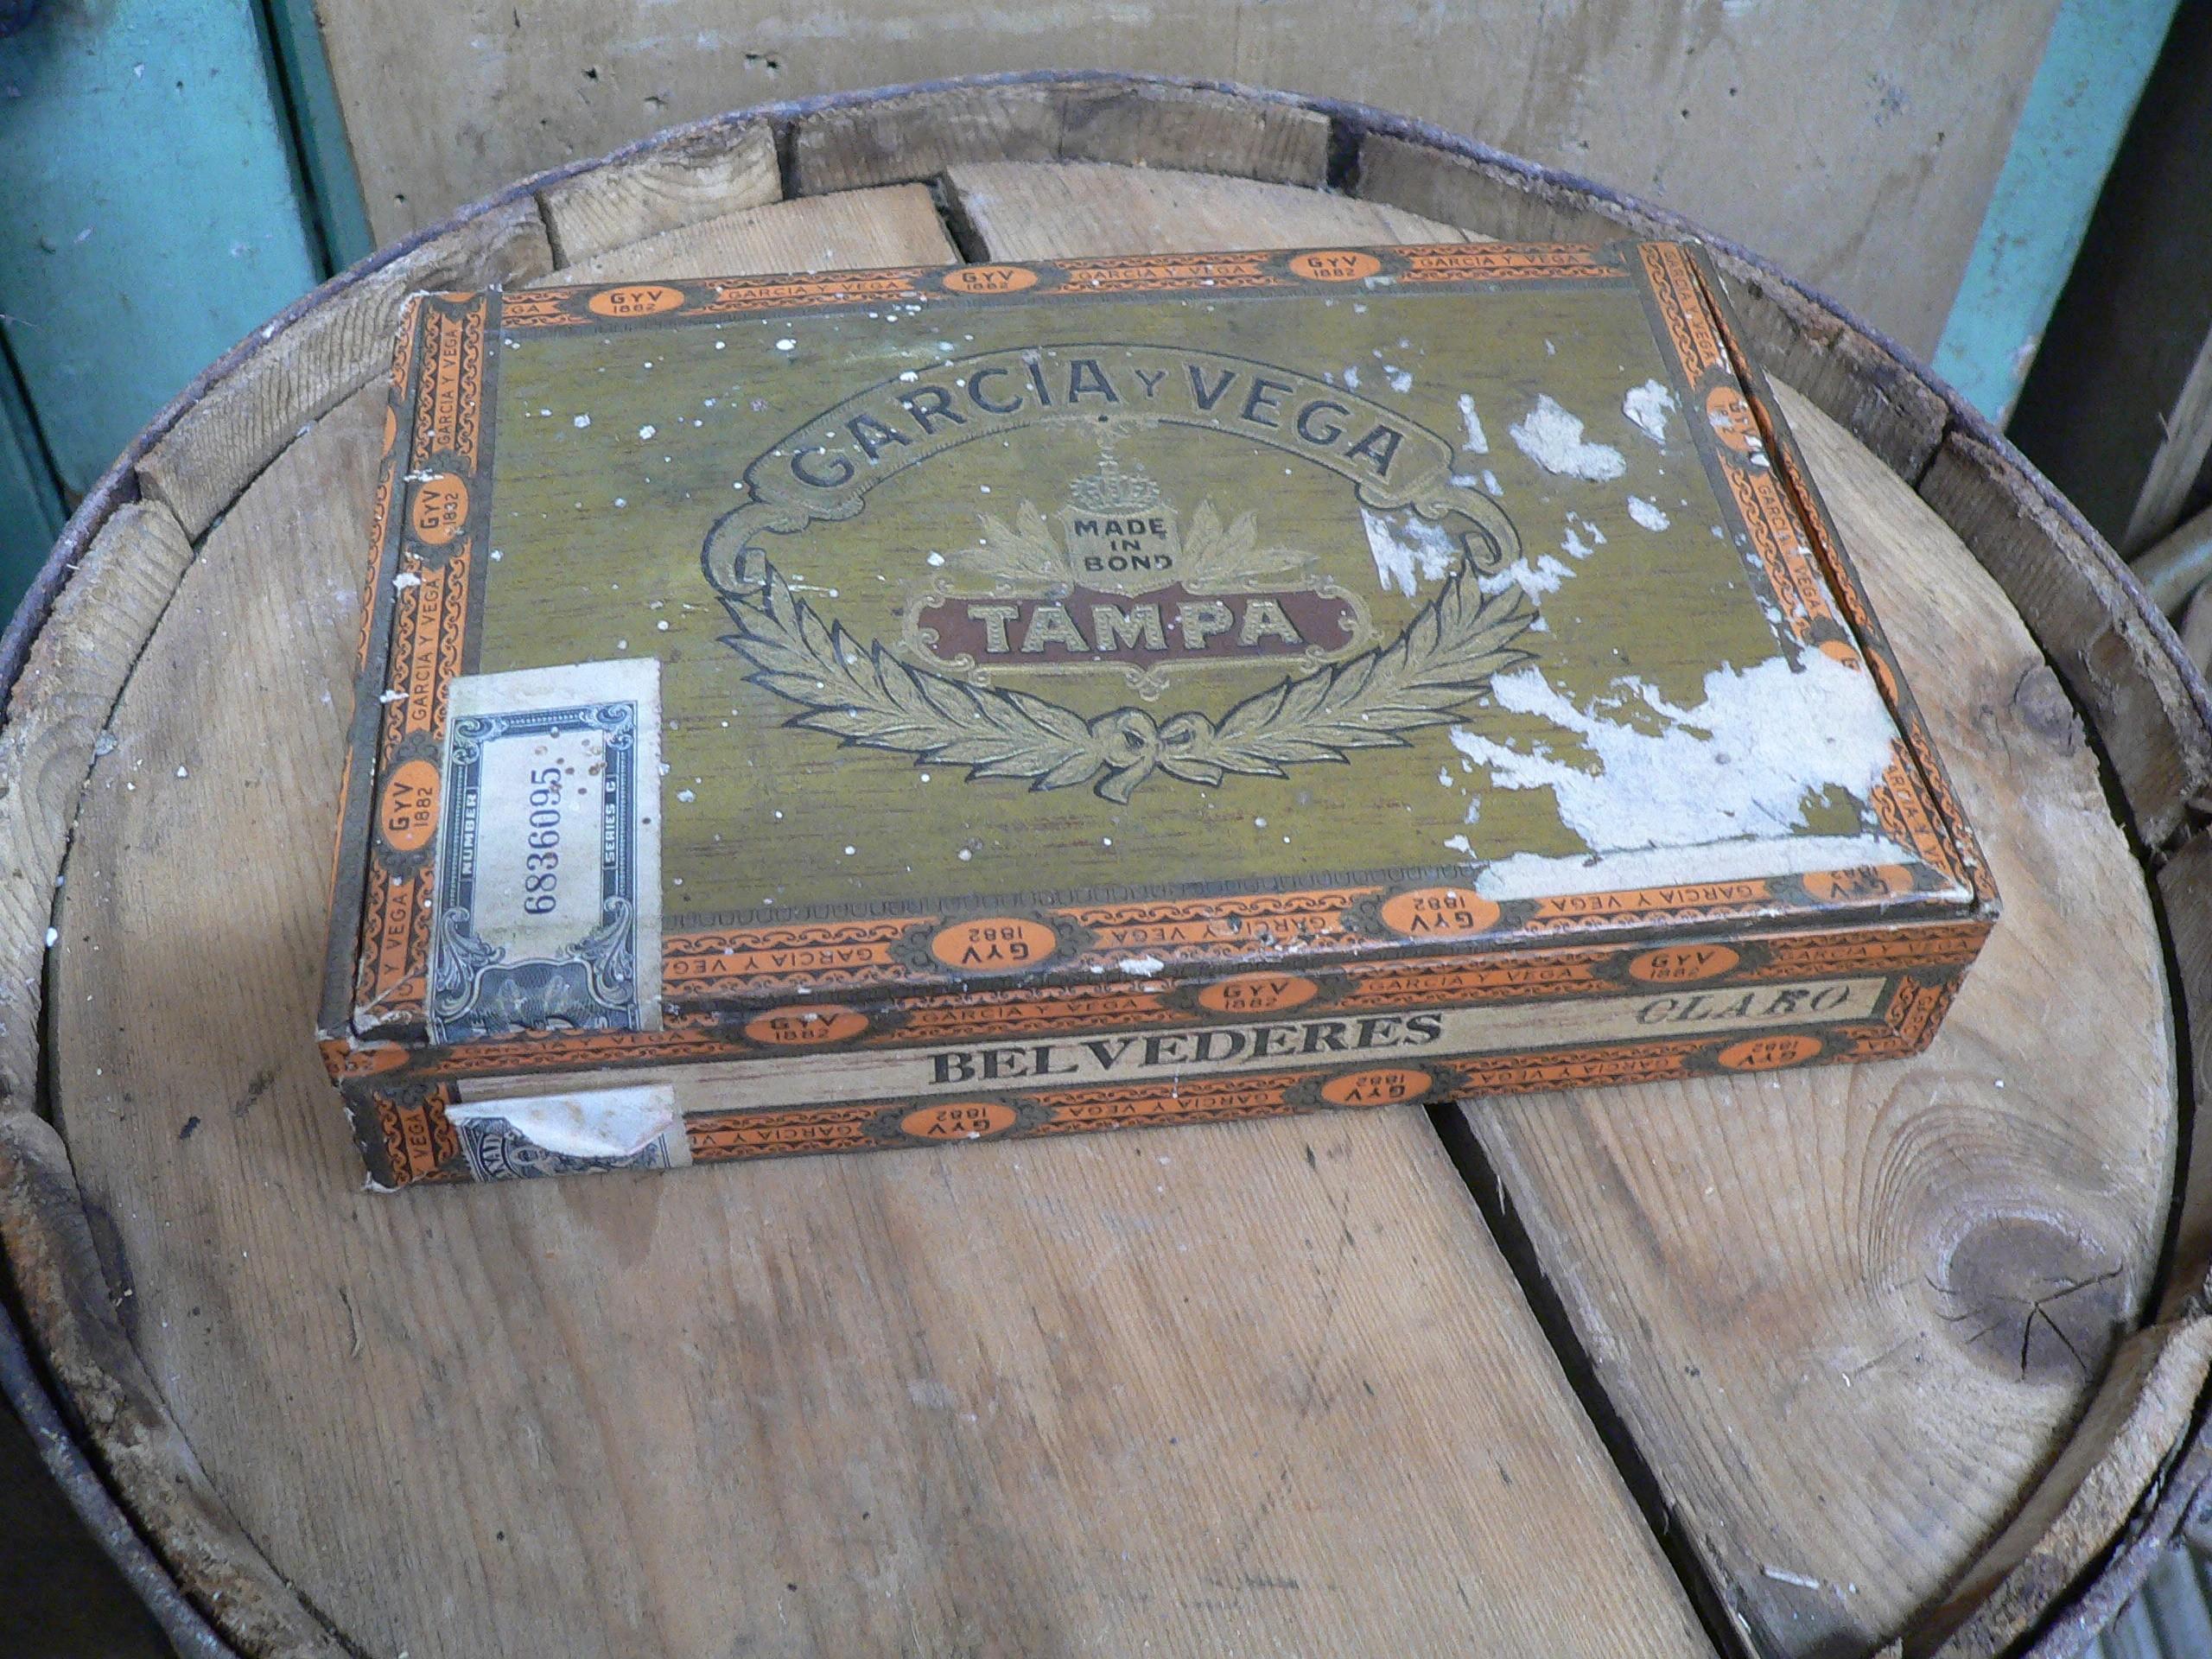 Boite de cigare antique Garcia y vega # 6854.2